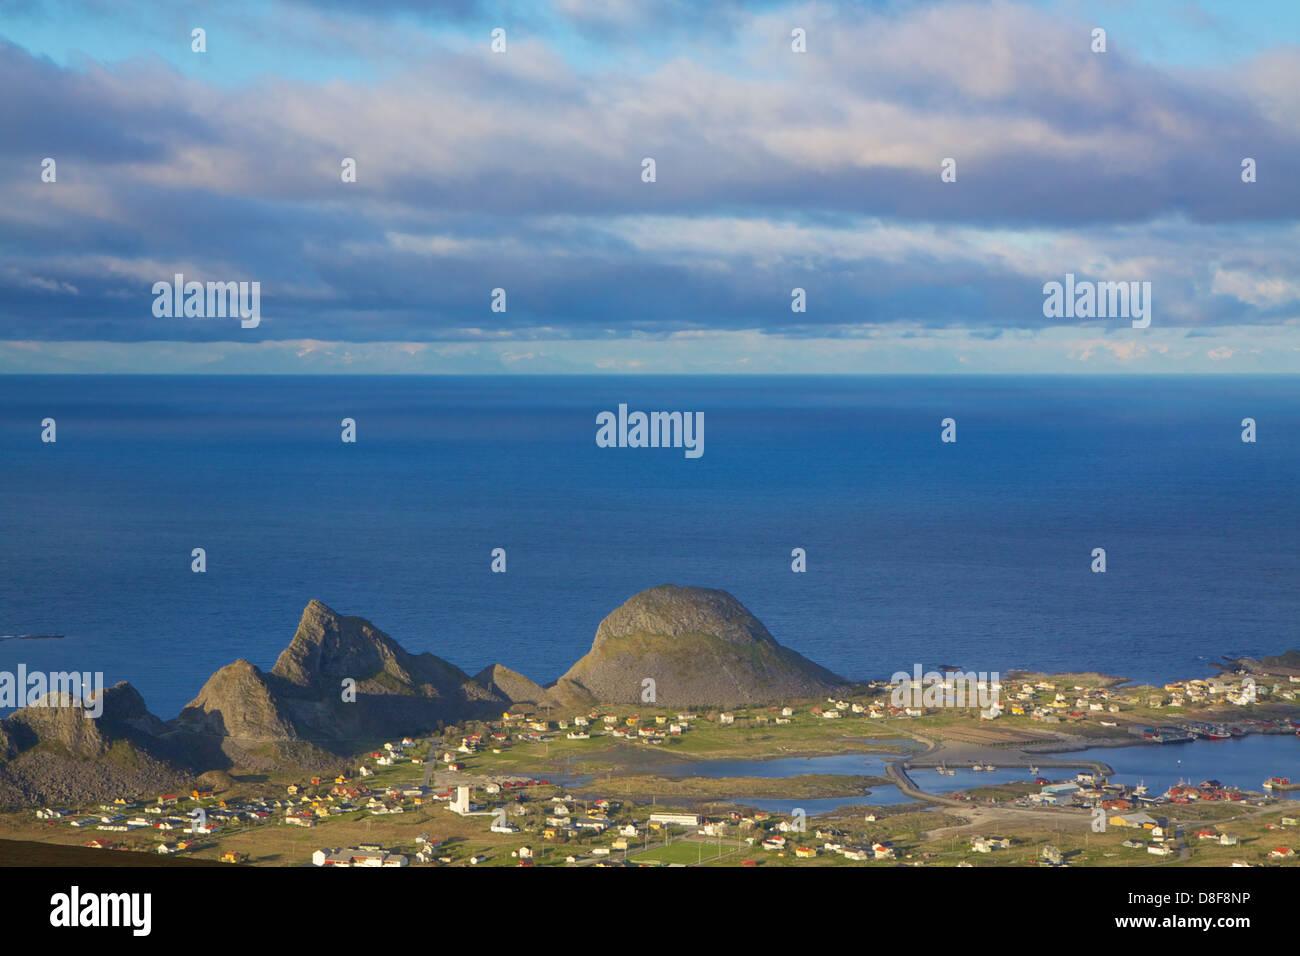 Picturesque norwegian town Sorland on island of Vaeroy, Lofoten islands, Norway - Stock Image